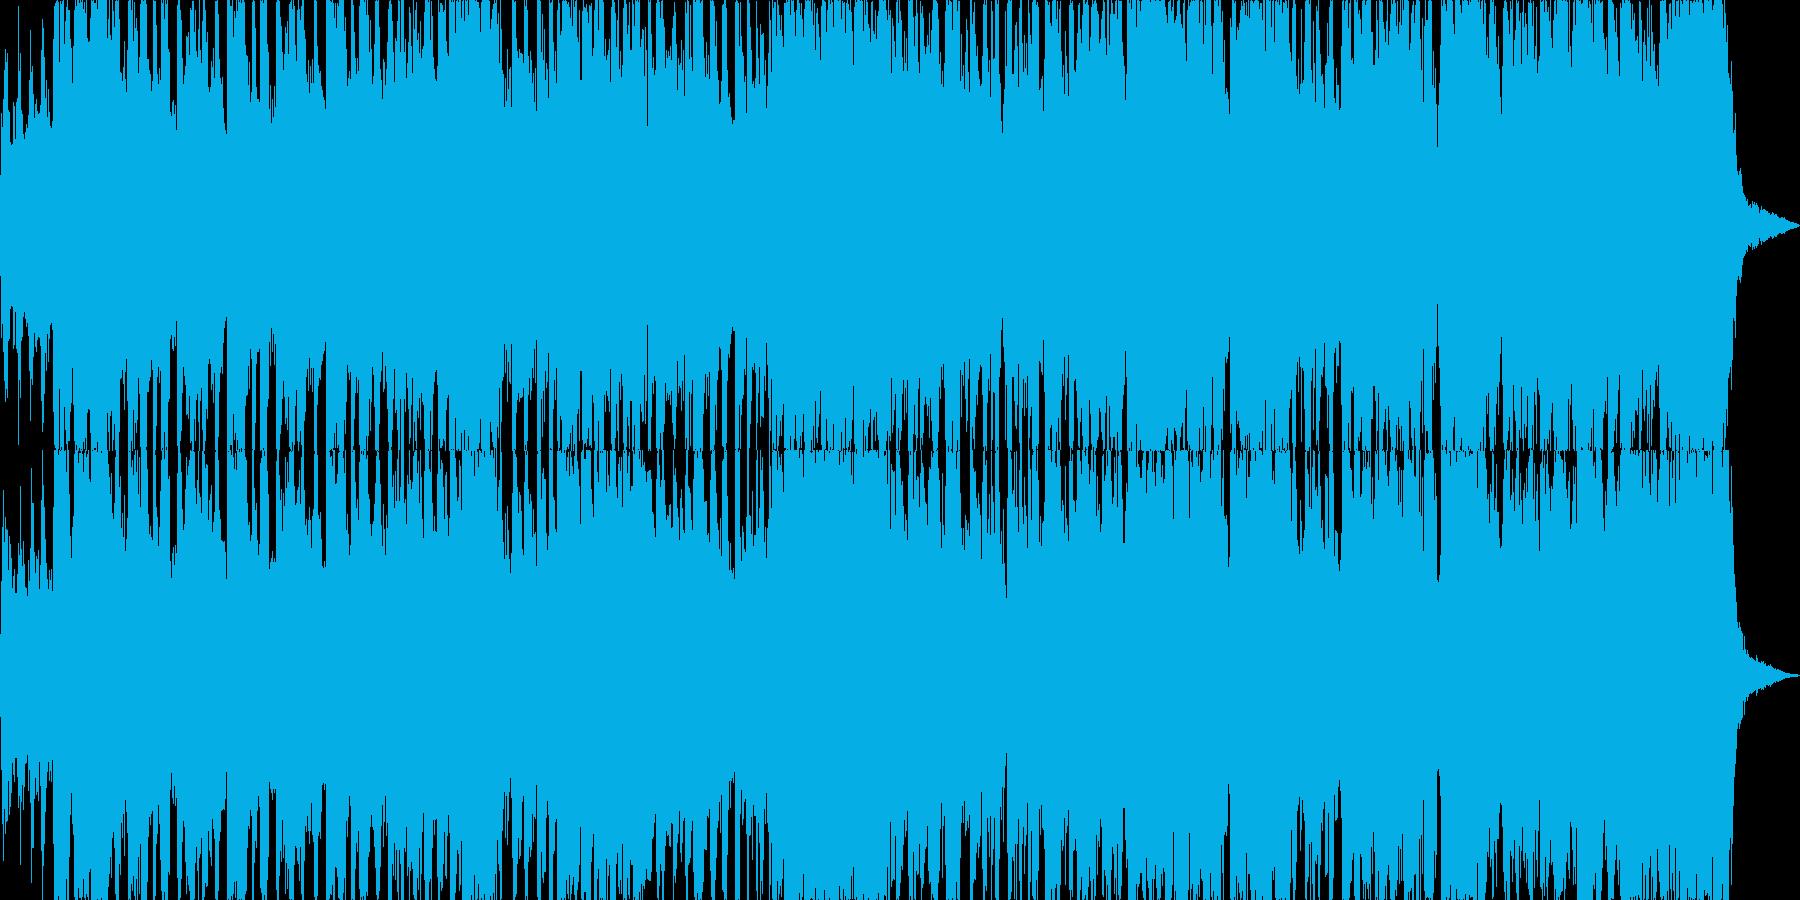 エレキギターが印象的なビッグバンドジャズの再生済みの波形